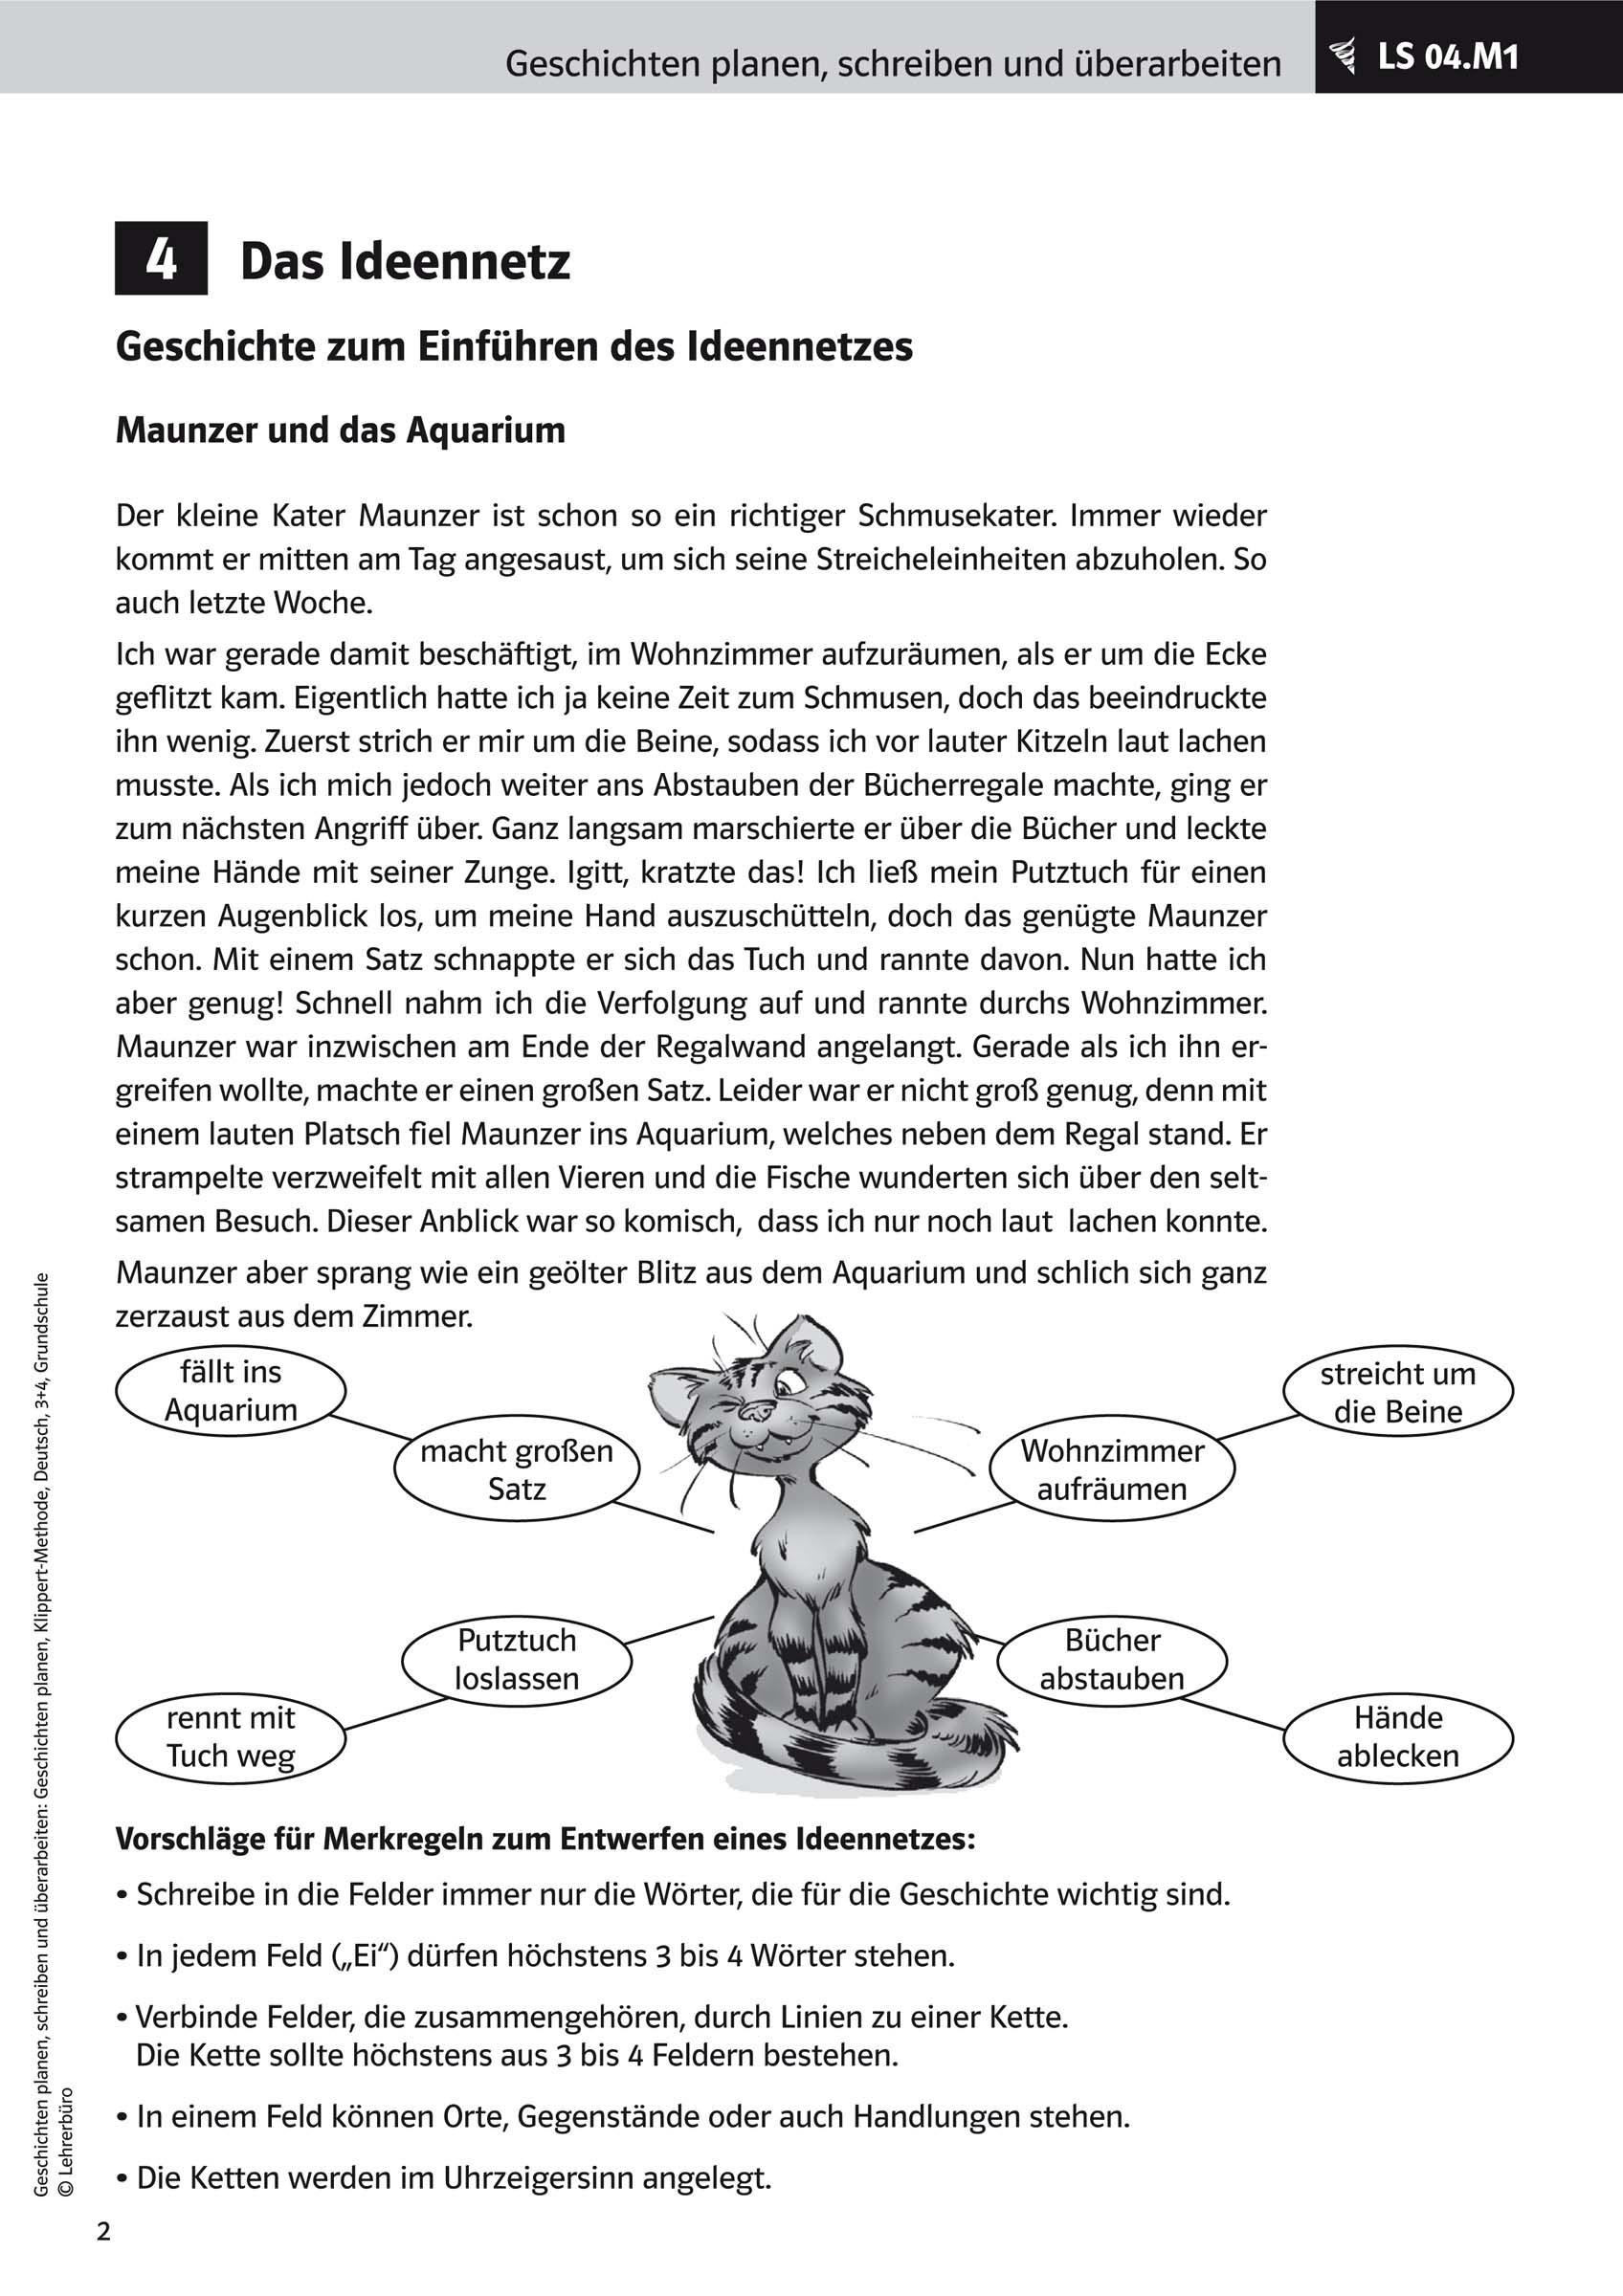 Grundschule Unterrichtsmaterial Deutsch Schreiben verwandt mit 4 Klasse Deutsch Geschichte Schreiben